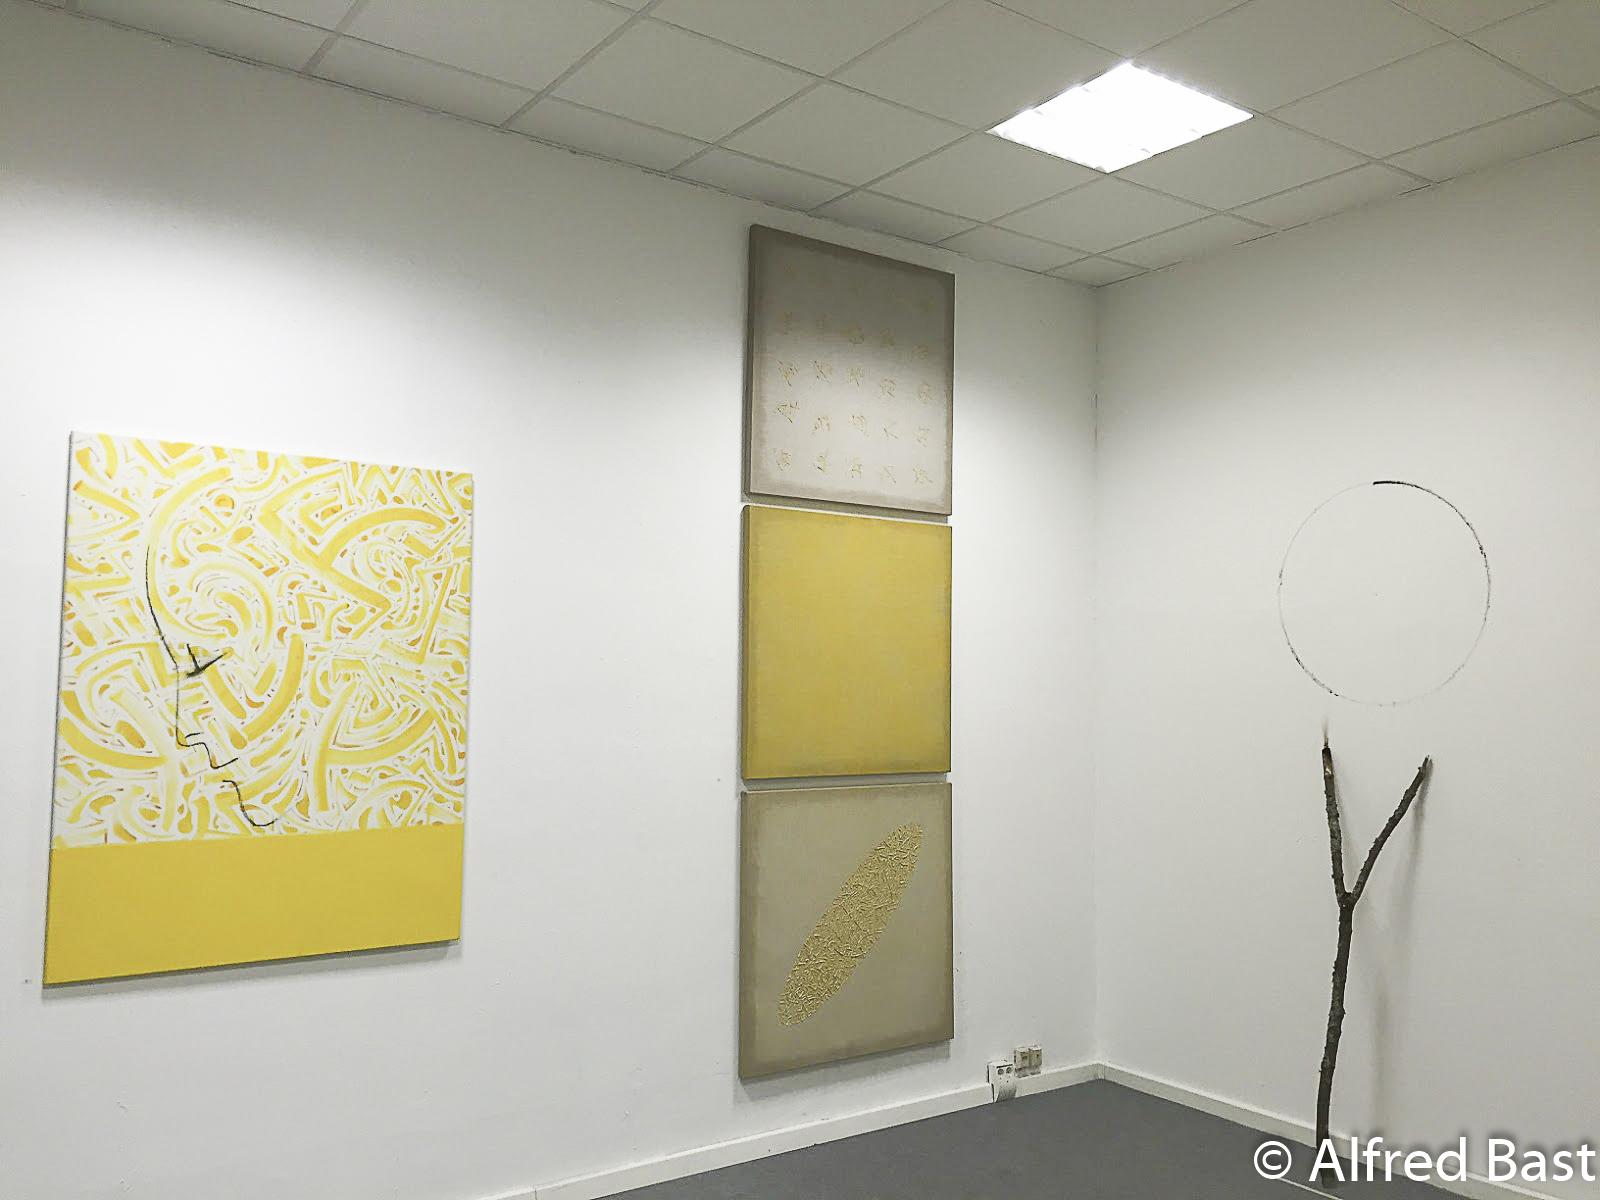 Paintings of Alfred Bast, Morgenstern Gallery, Berlin, 2015